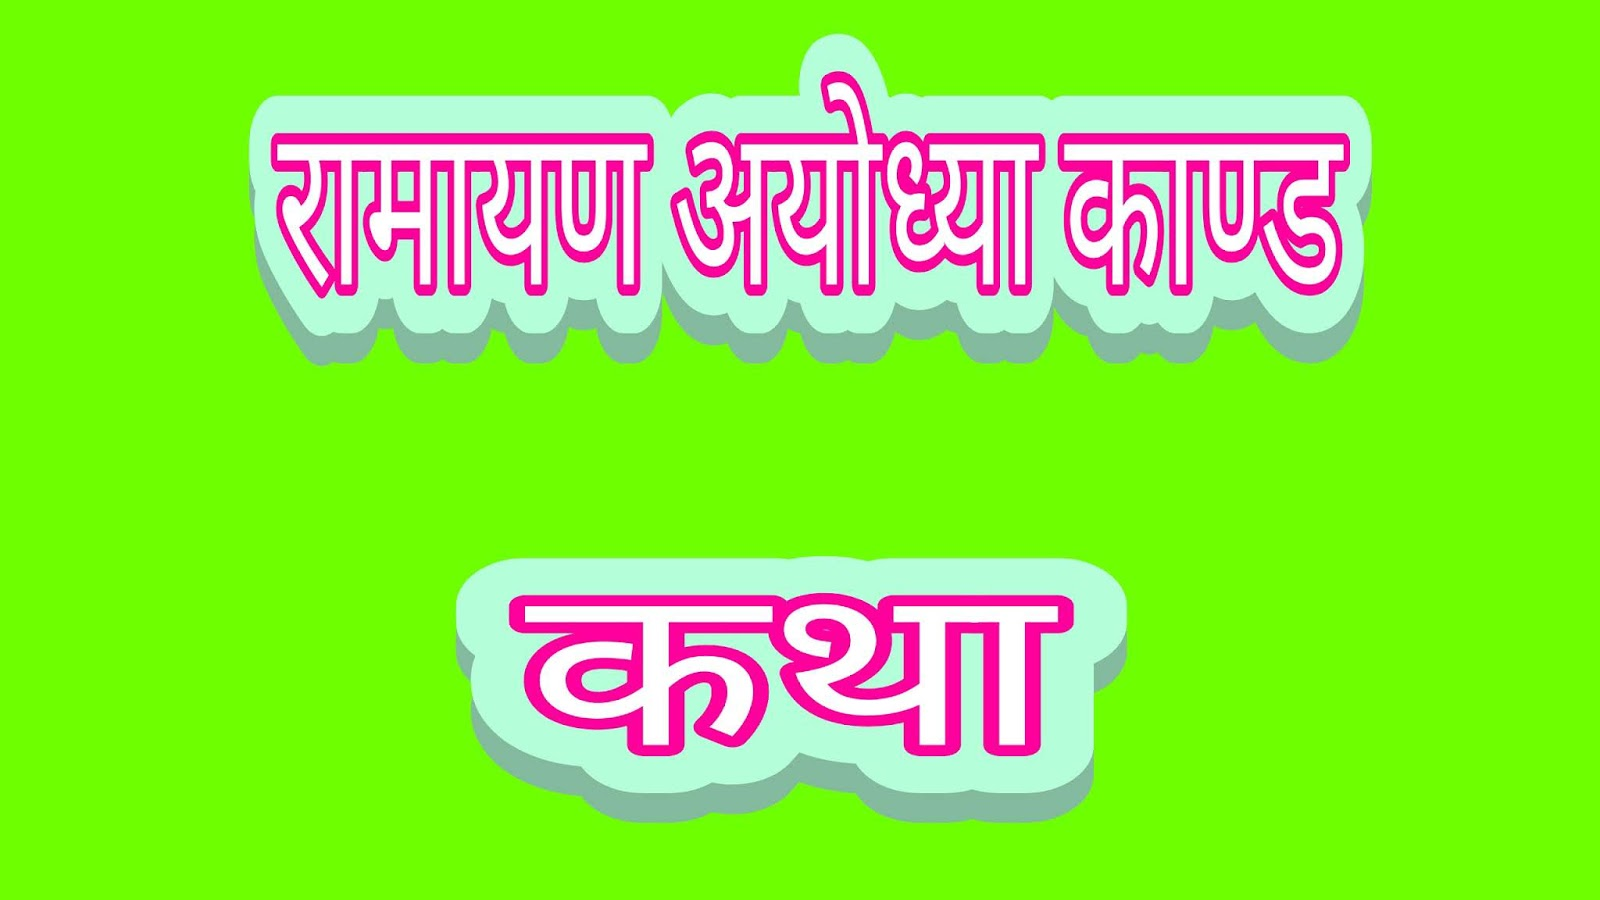 रामायण अयोध्या काण्ड कथा